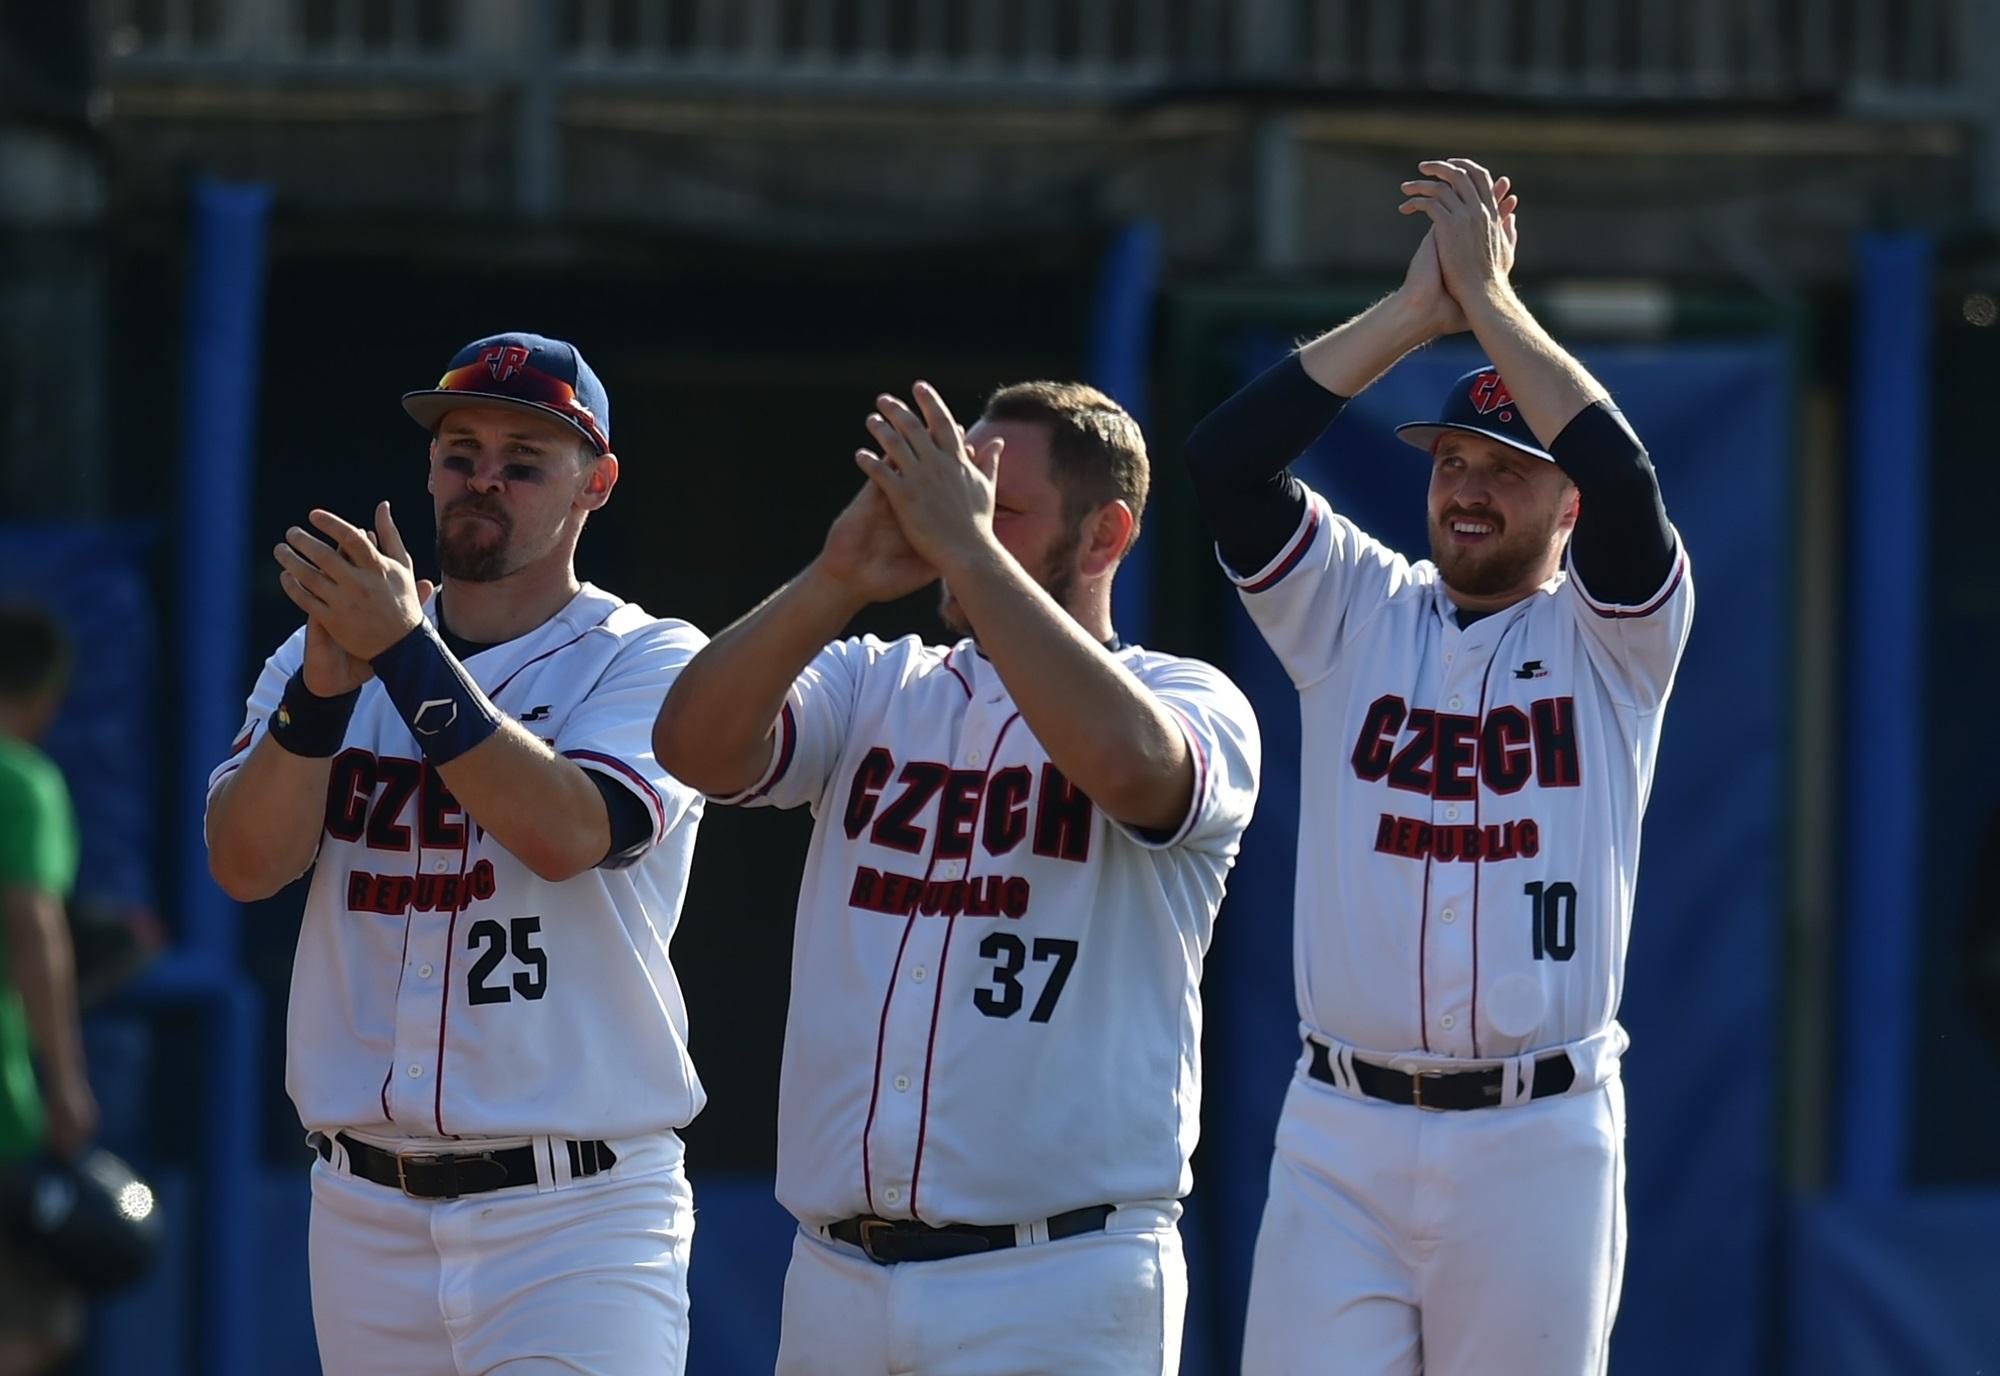 Czech players salute their fans